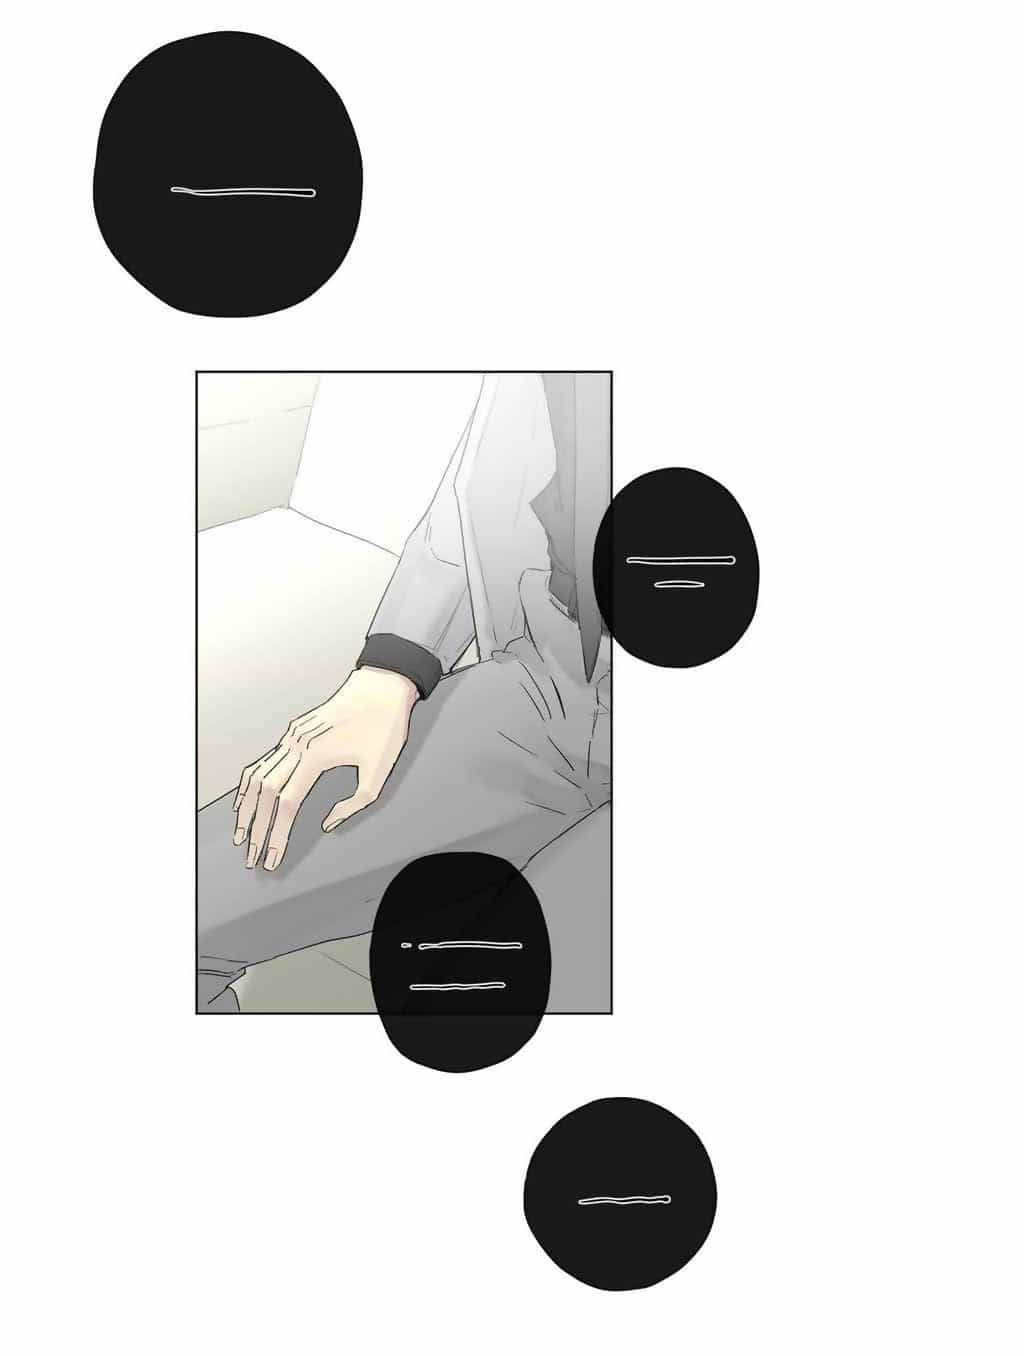 Người hầu hoàng gia - Royal Servant - Chương 010 - Trang 11